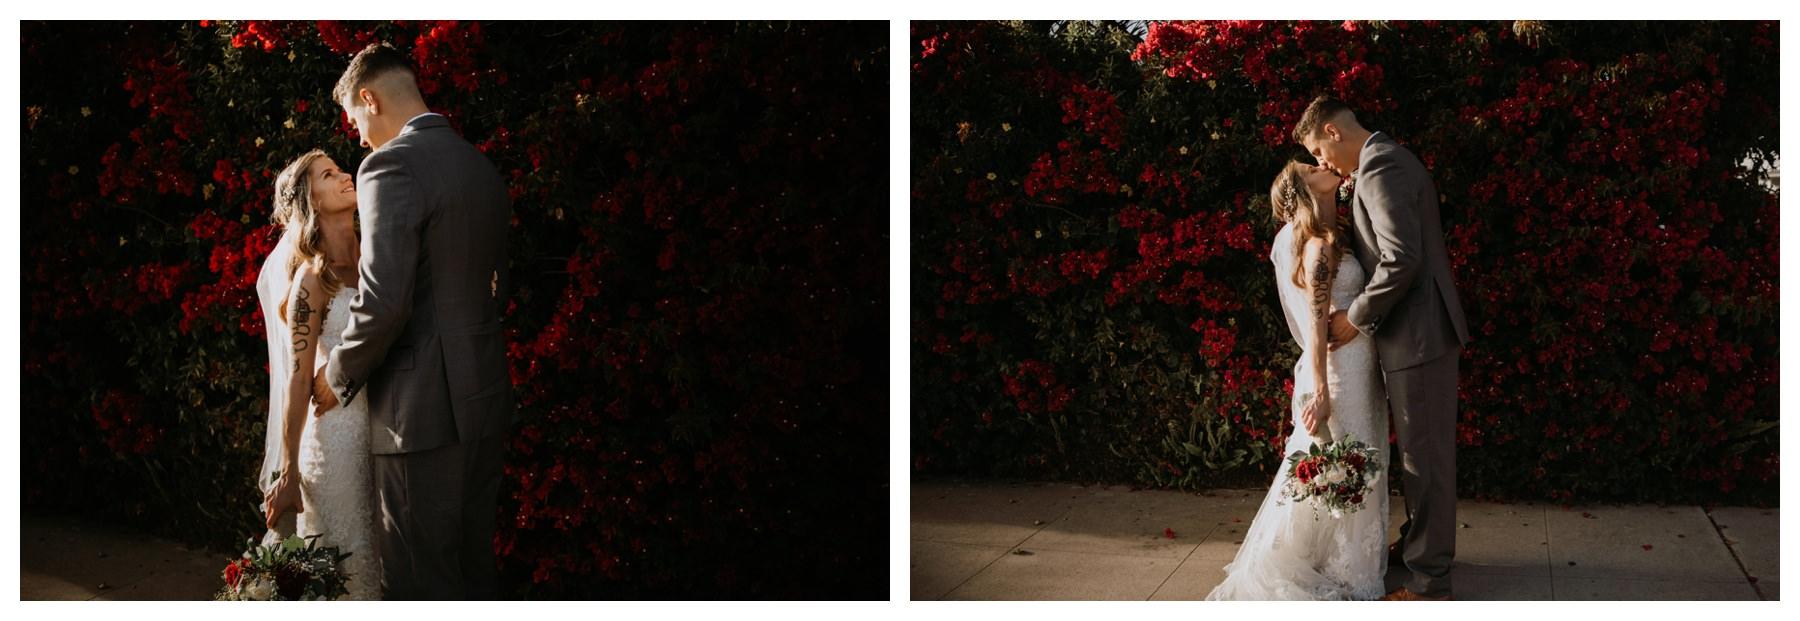 Coronado_Beach_Wedding_Singler_Photography_0039.jpg